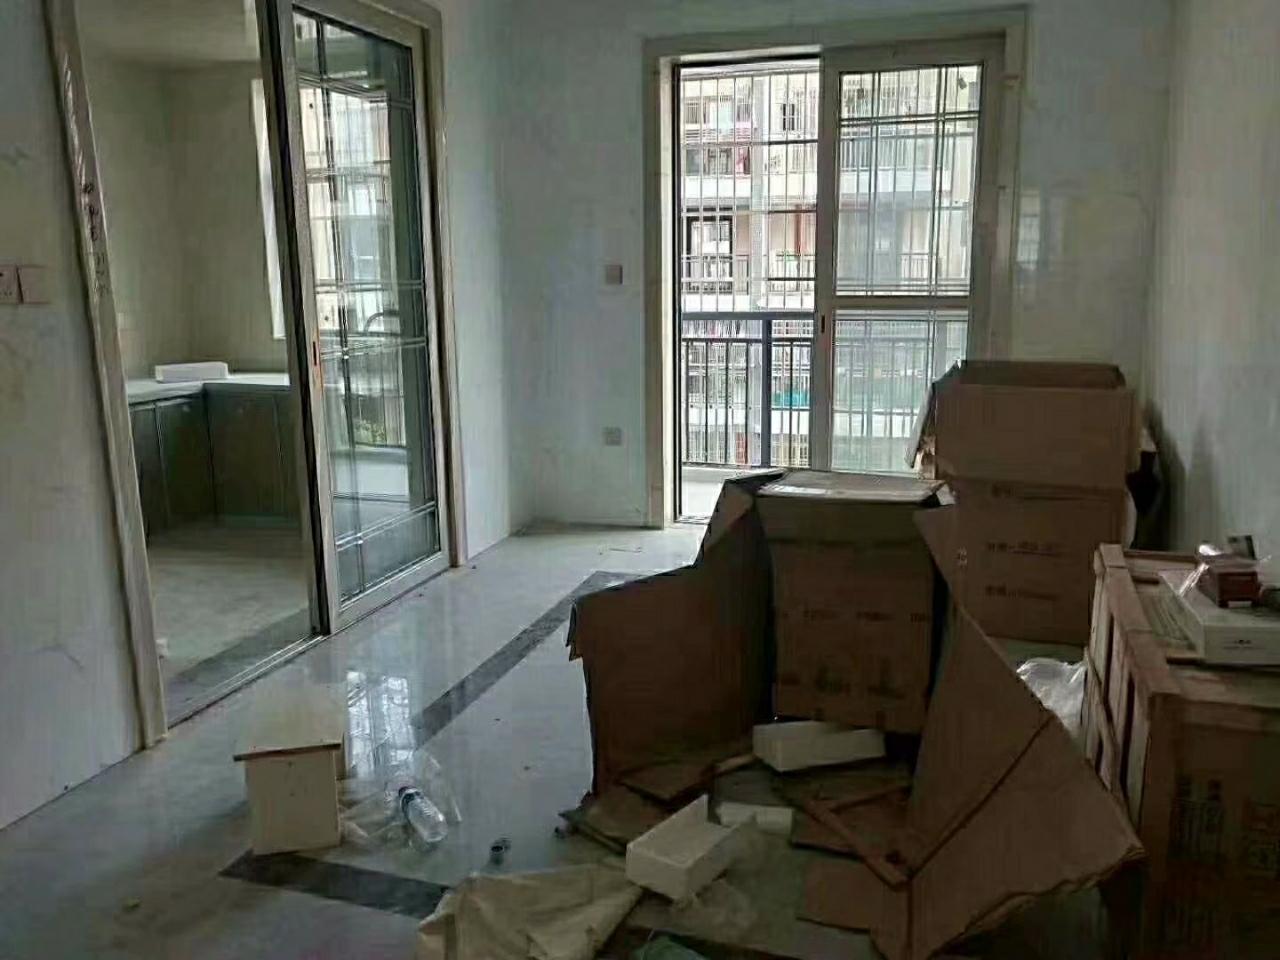 锦绣嘉园,4室 2厅 2卫,带车库,125万元